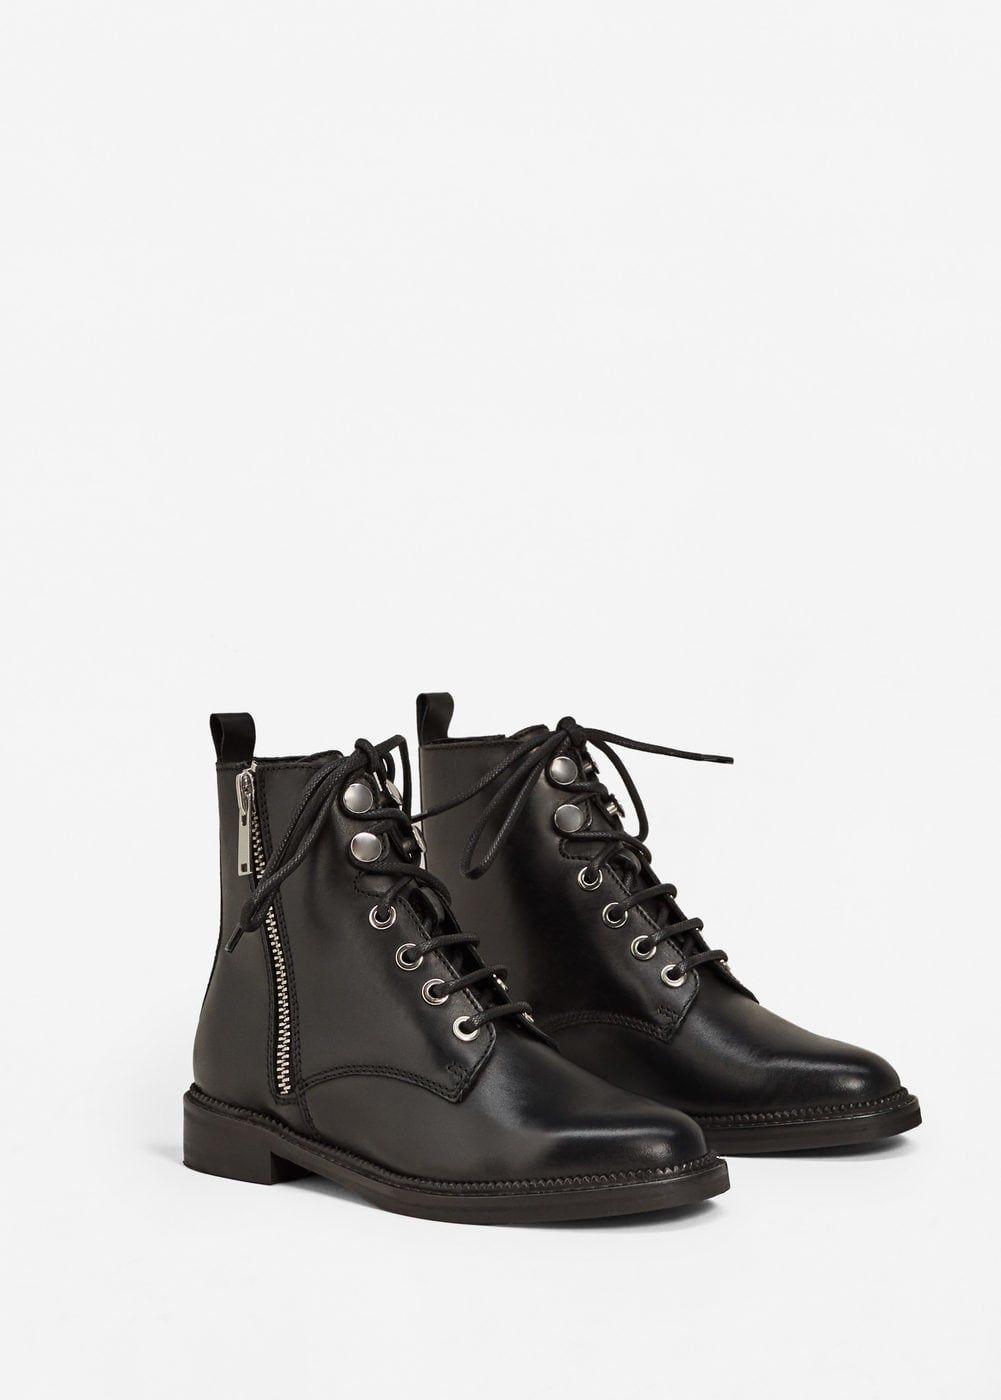 7fe992293 Bota piel cremallera - Zapatos de Mujer